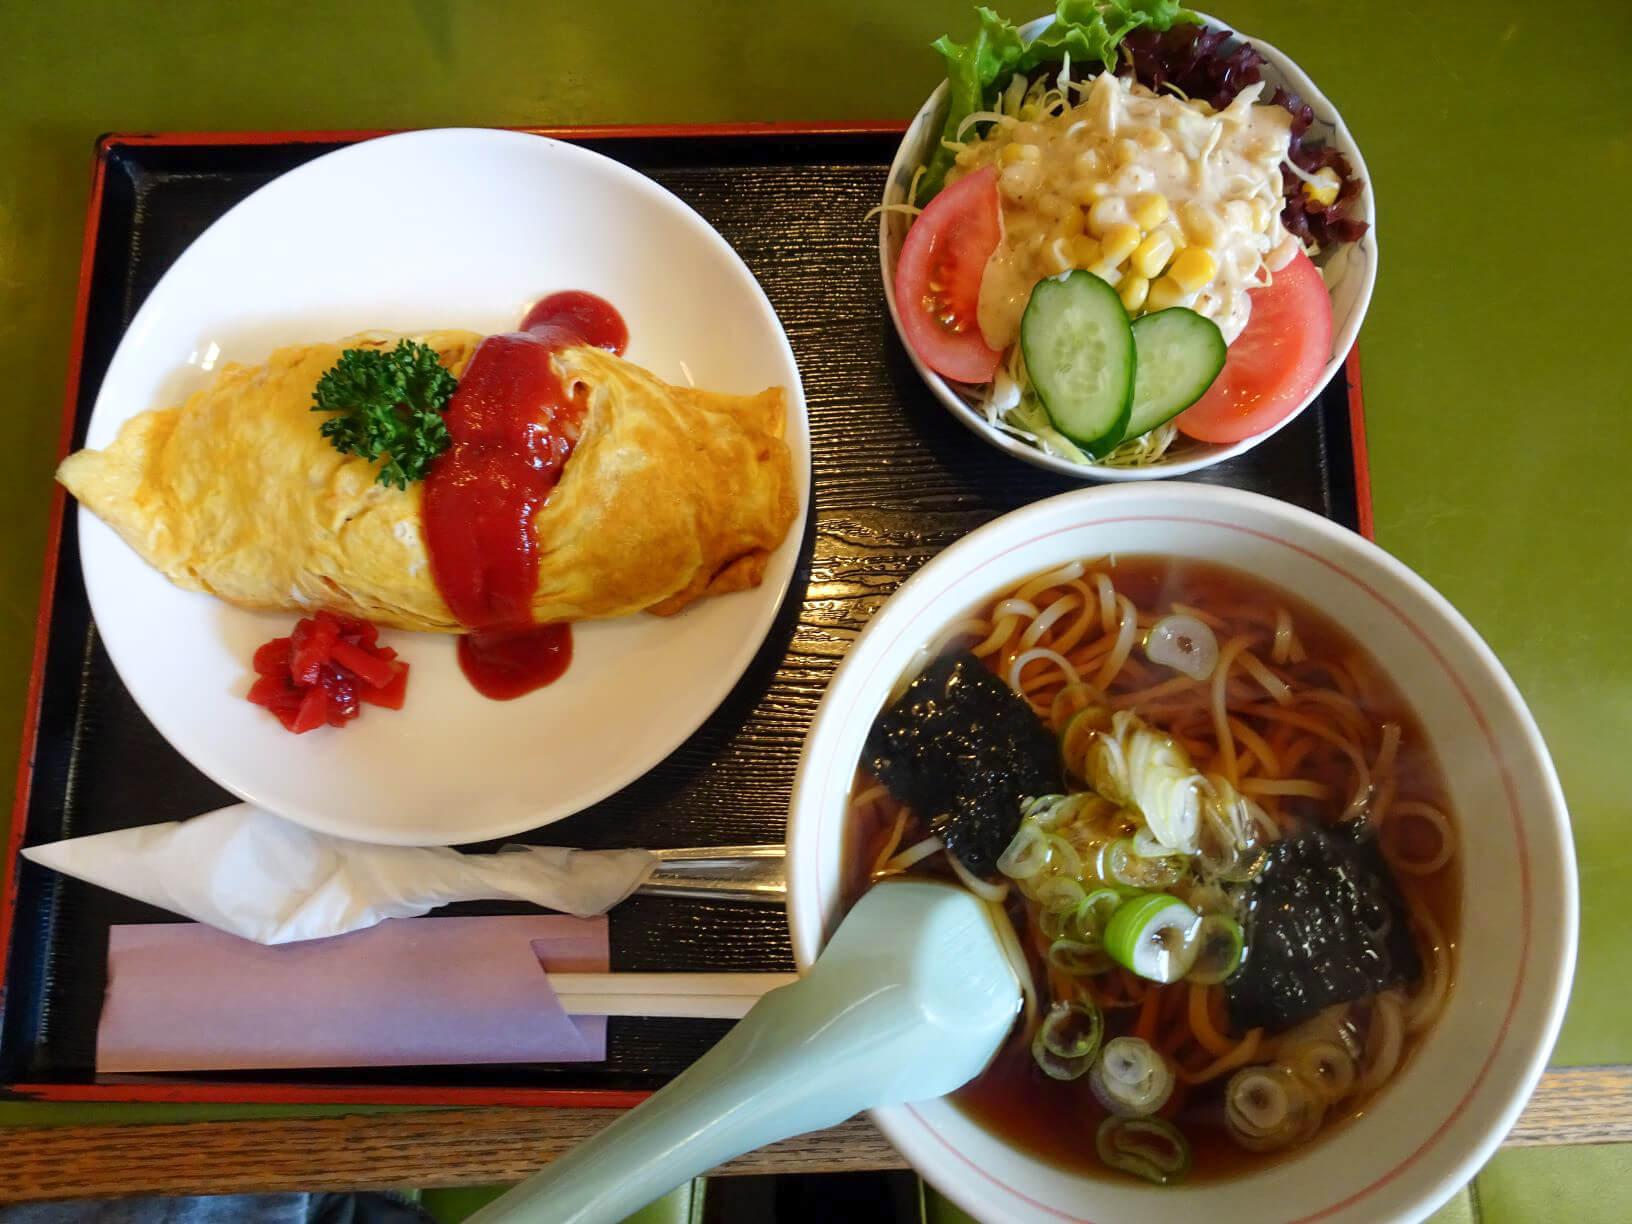 「オムライス+うどん」+野菜サラダ